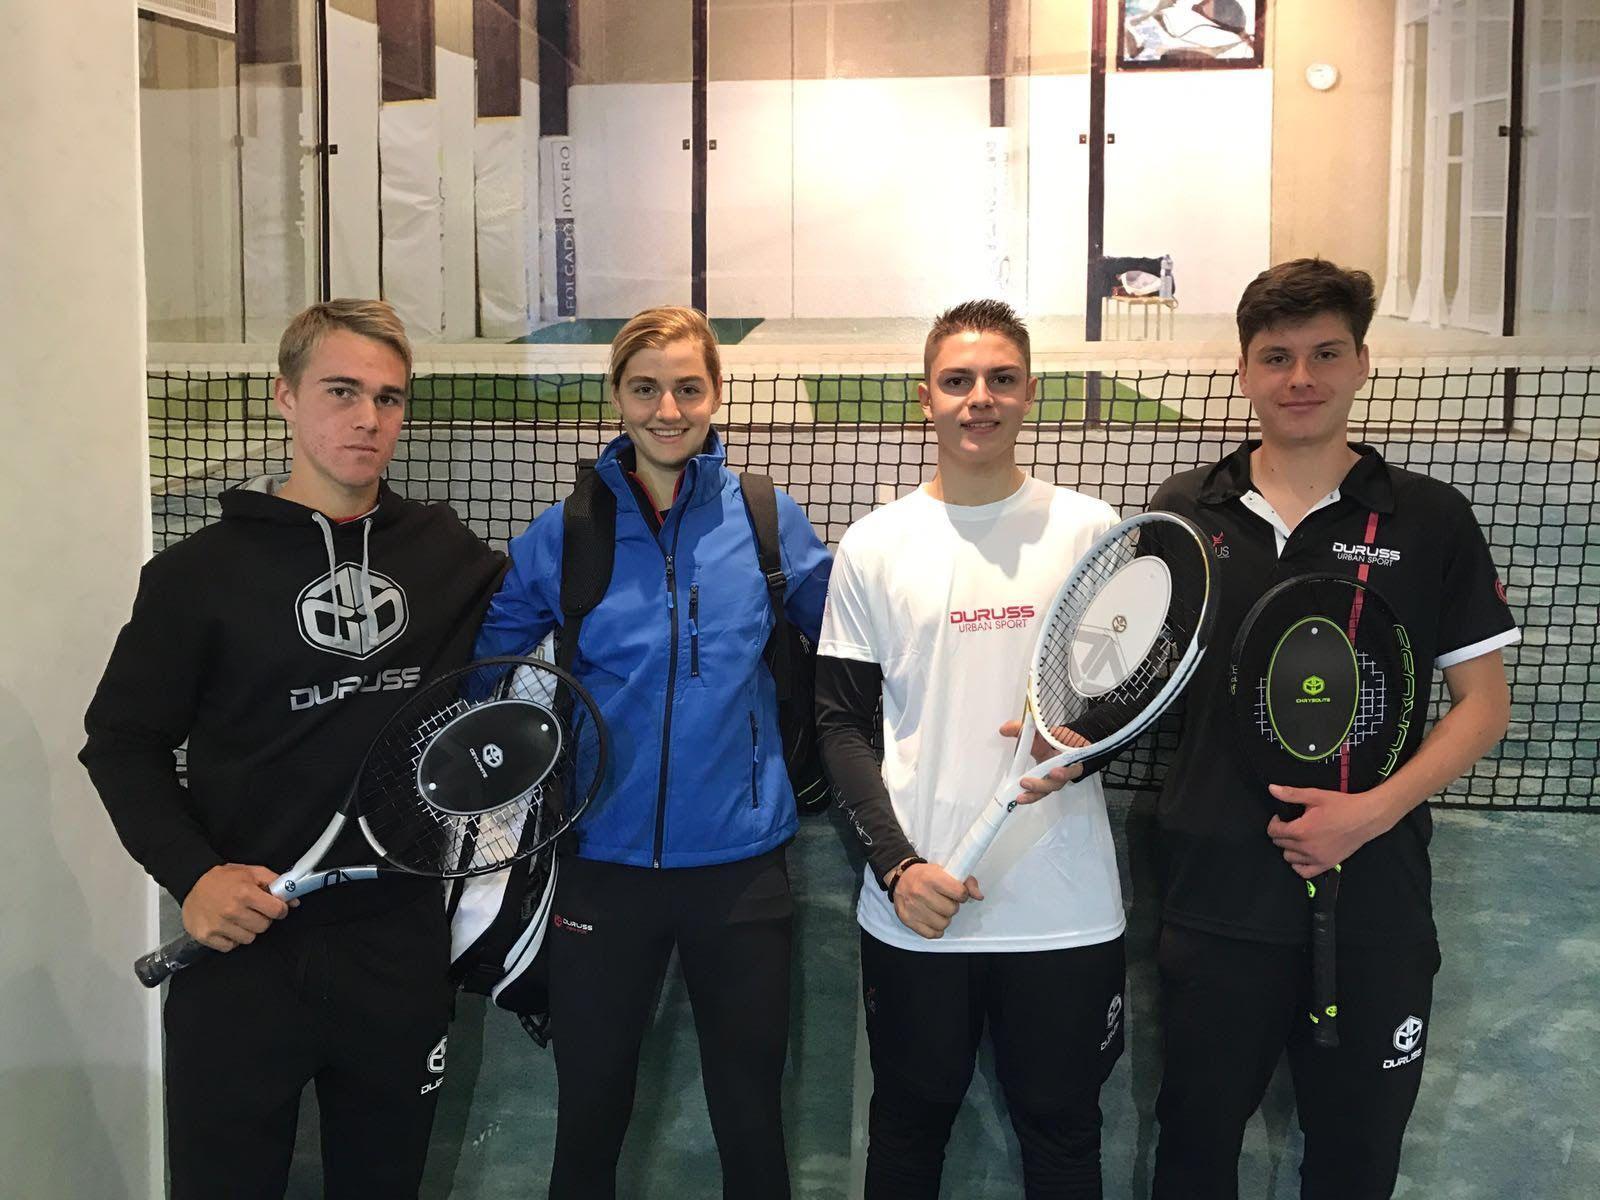 Los primeros jugadores de tenis de la marca DURUSS son de la Academia JCFerrero – Equelite